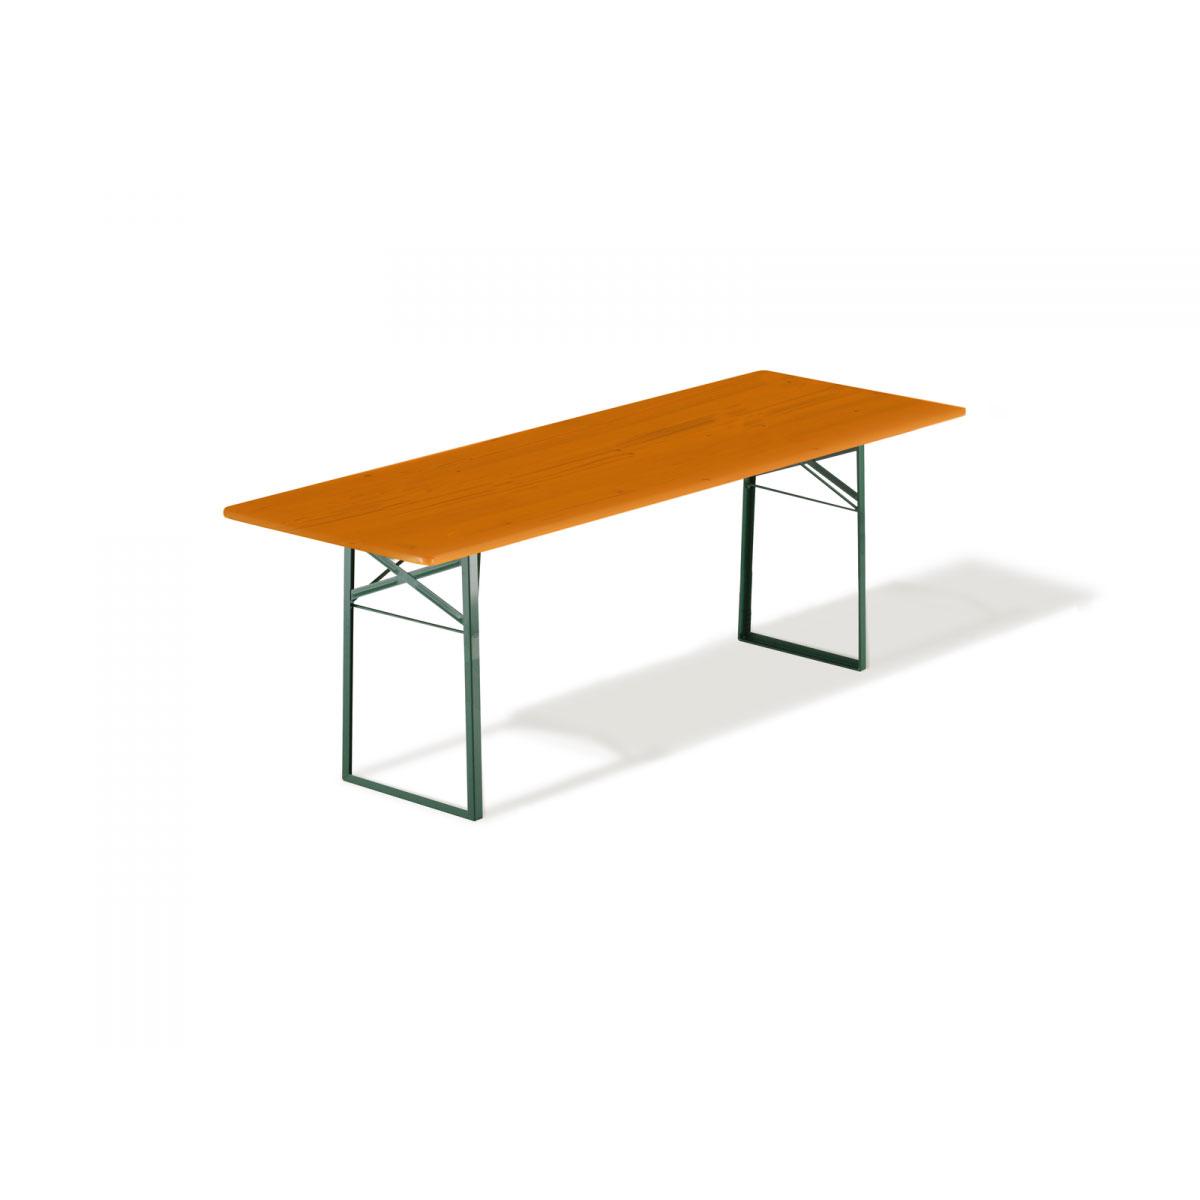 Ruku Festzeltgarnitur Tisch 75 cm, klappbar